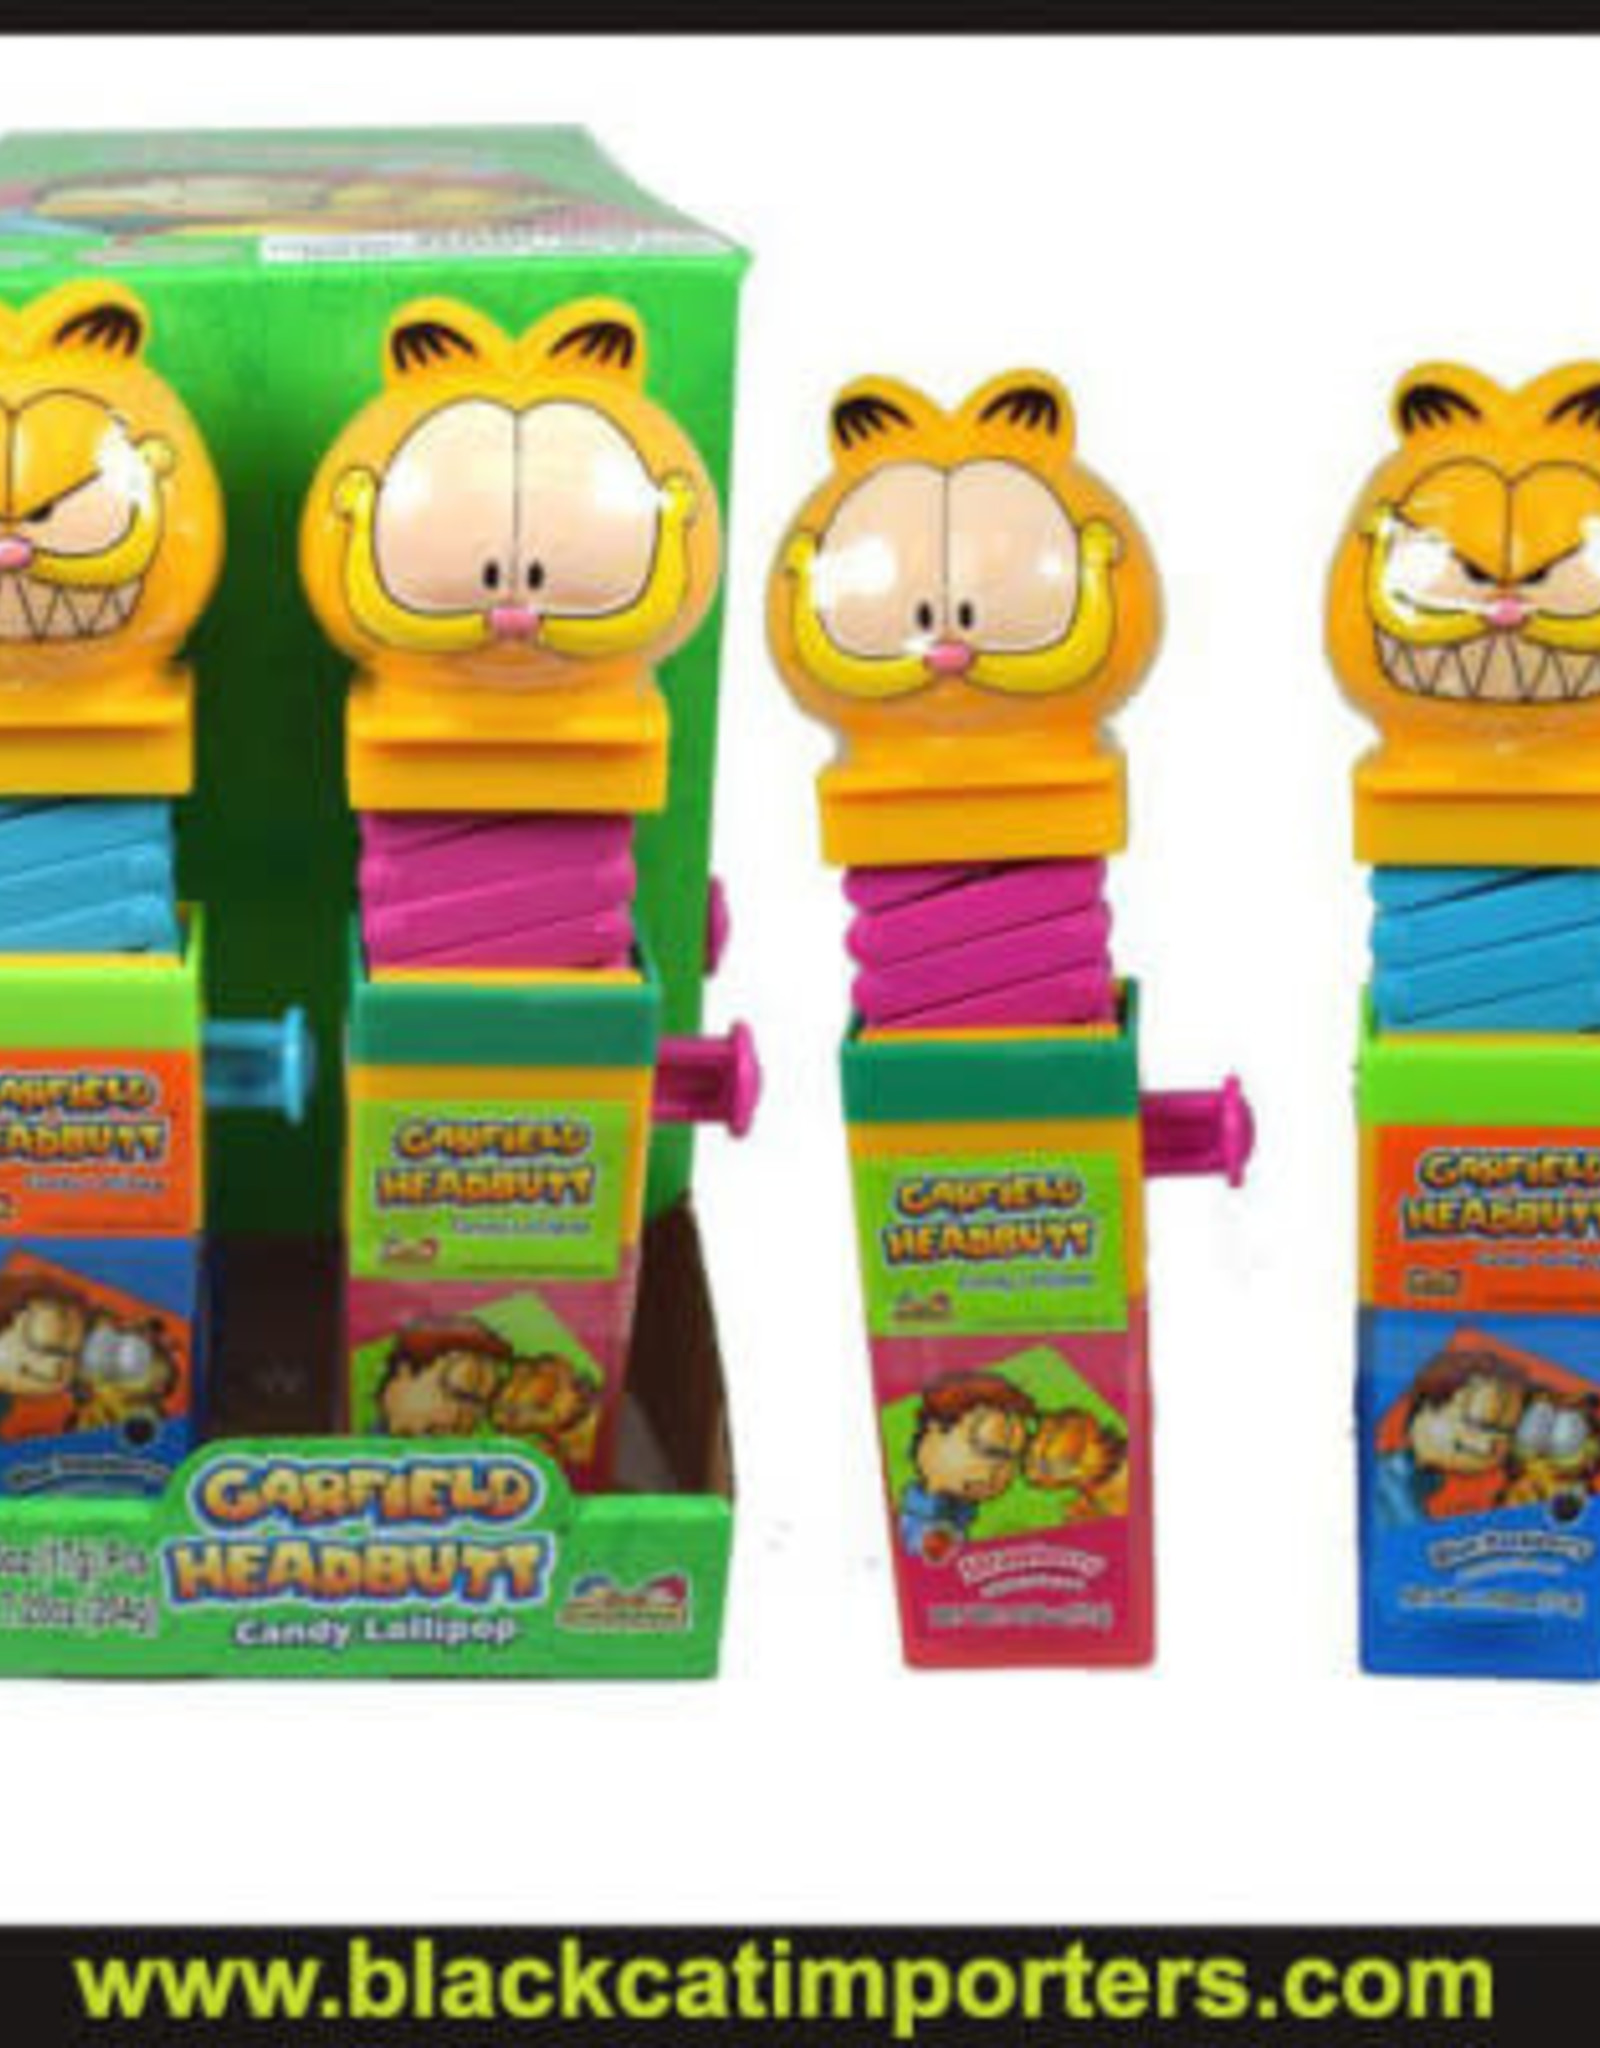 Kidsmania Garfield Headbutt